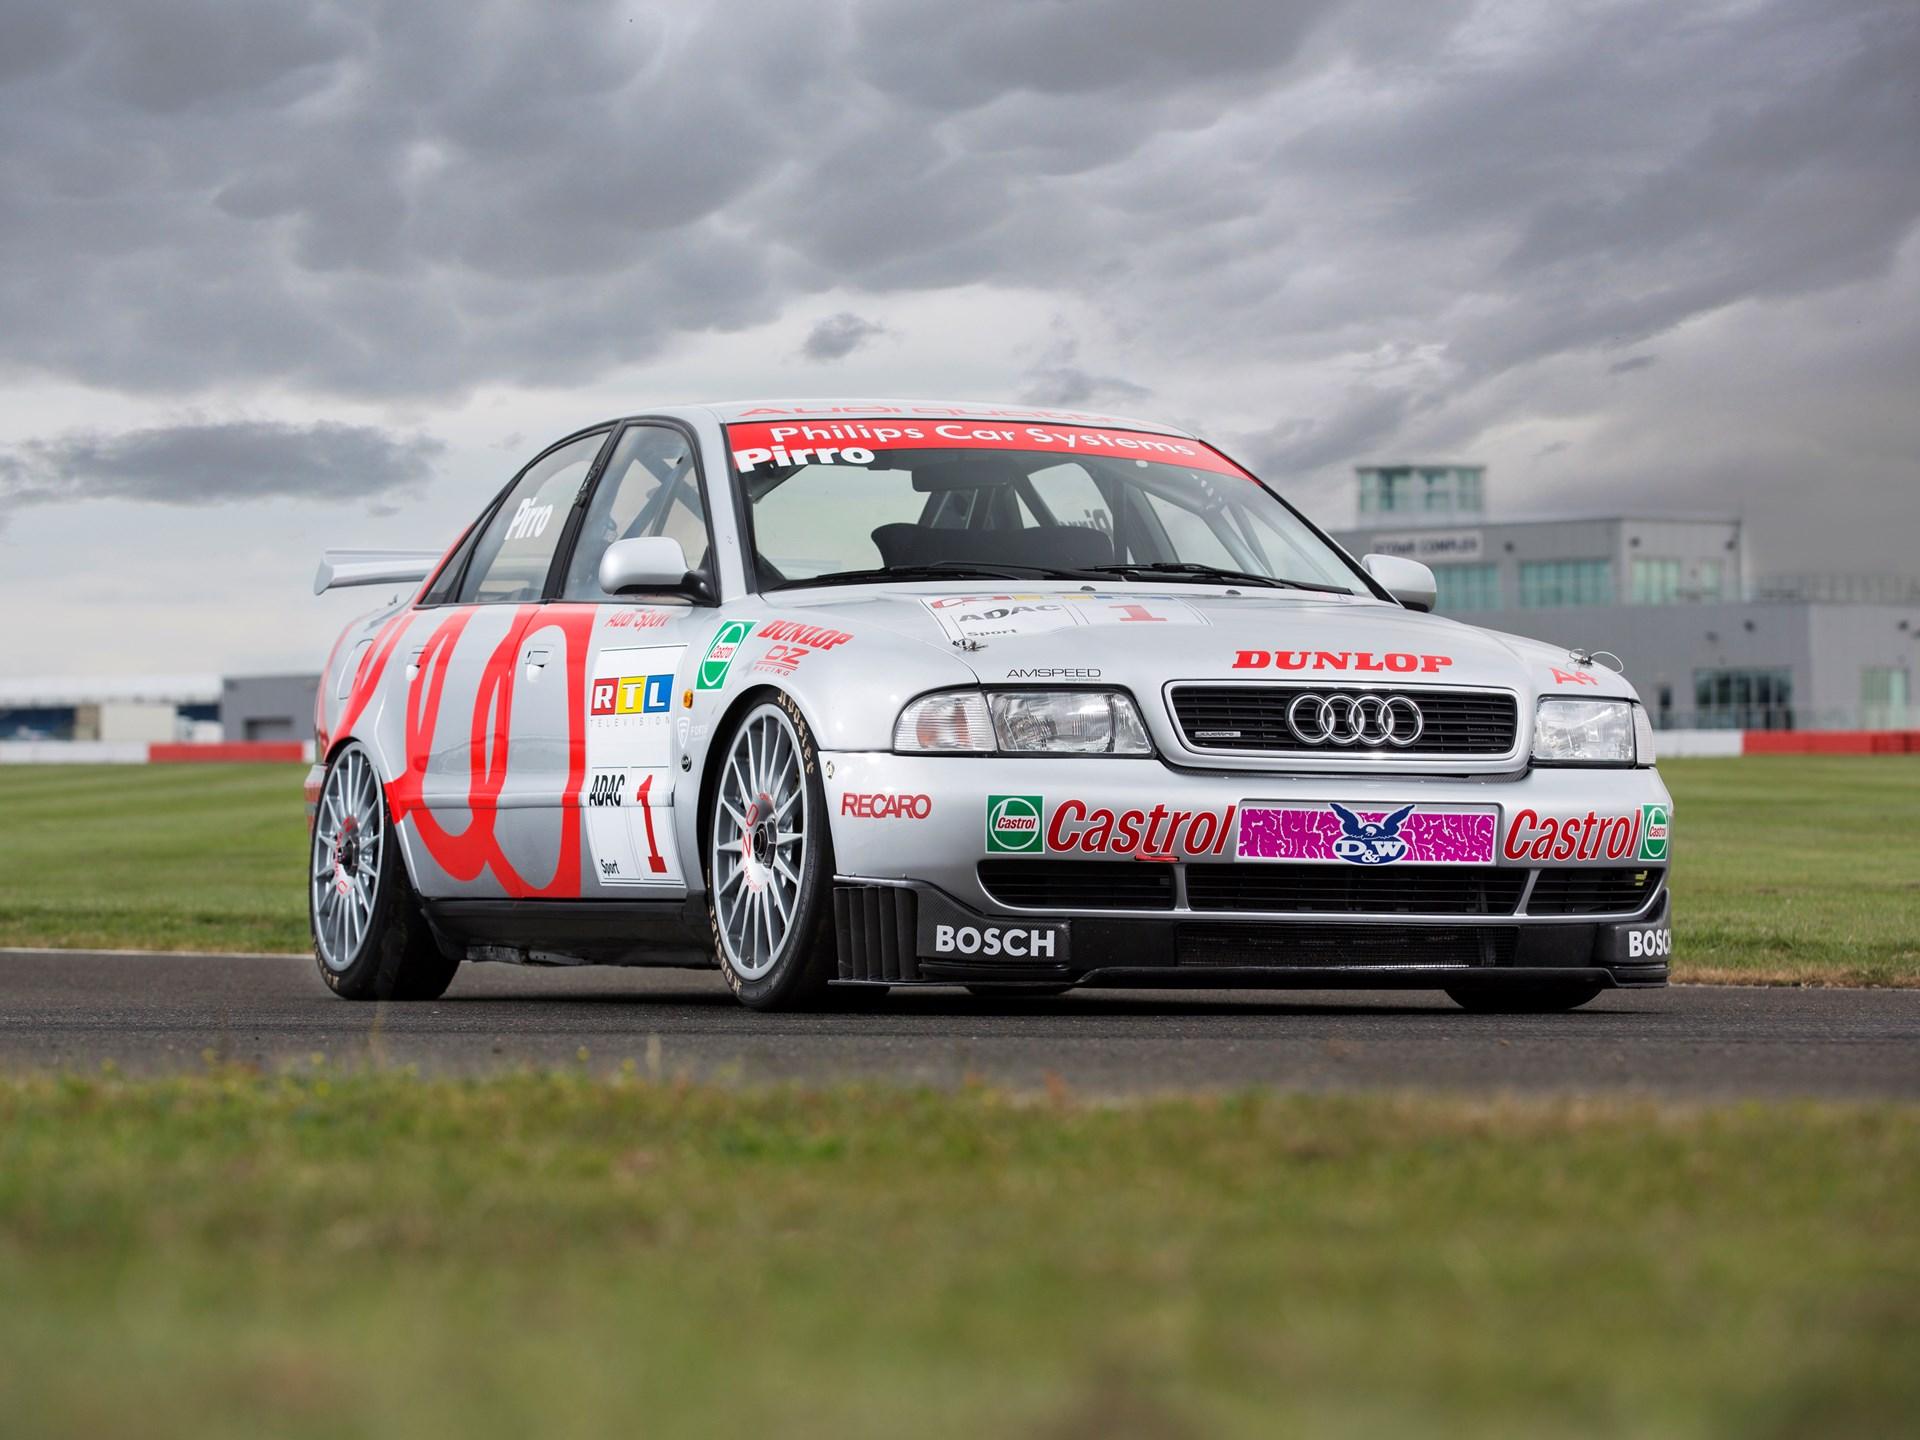 1997 Audi A4 Quattro Super Touring